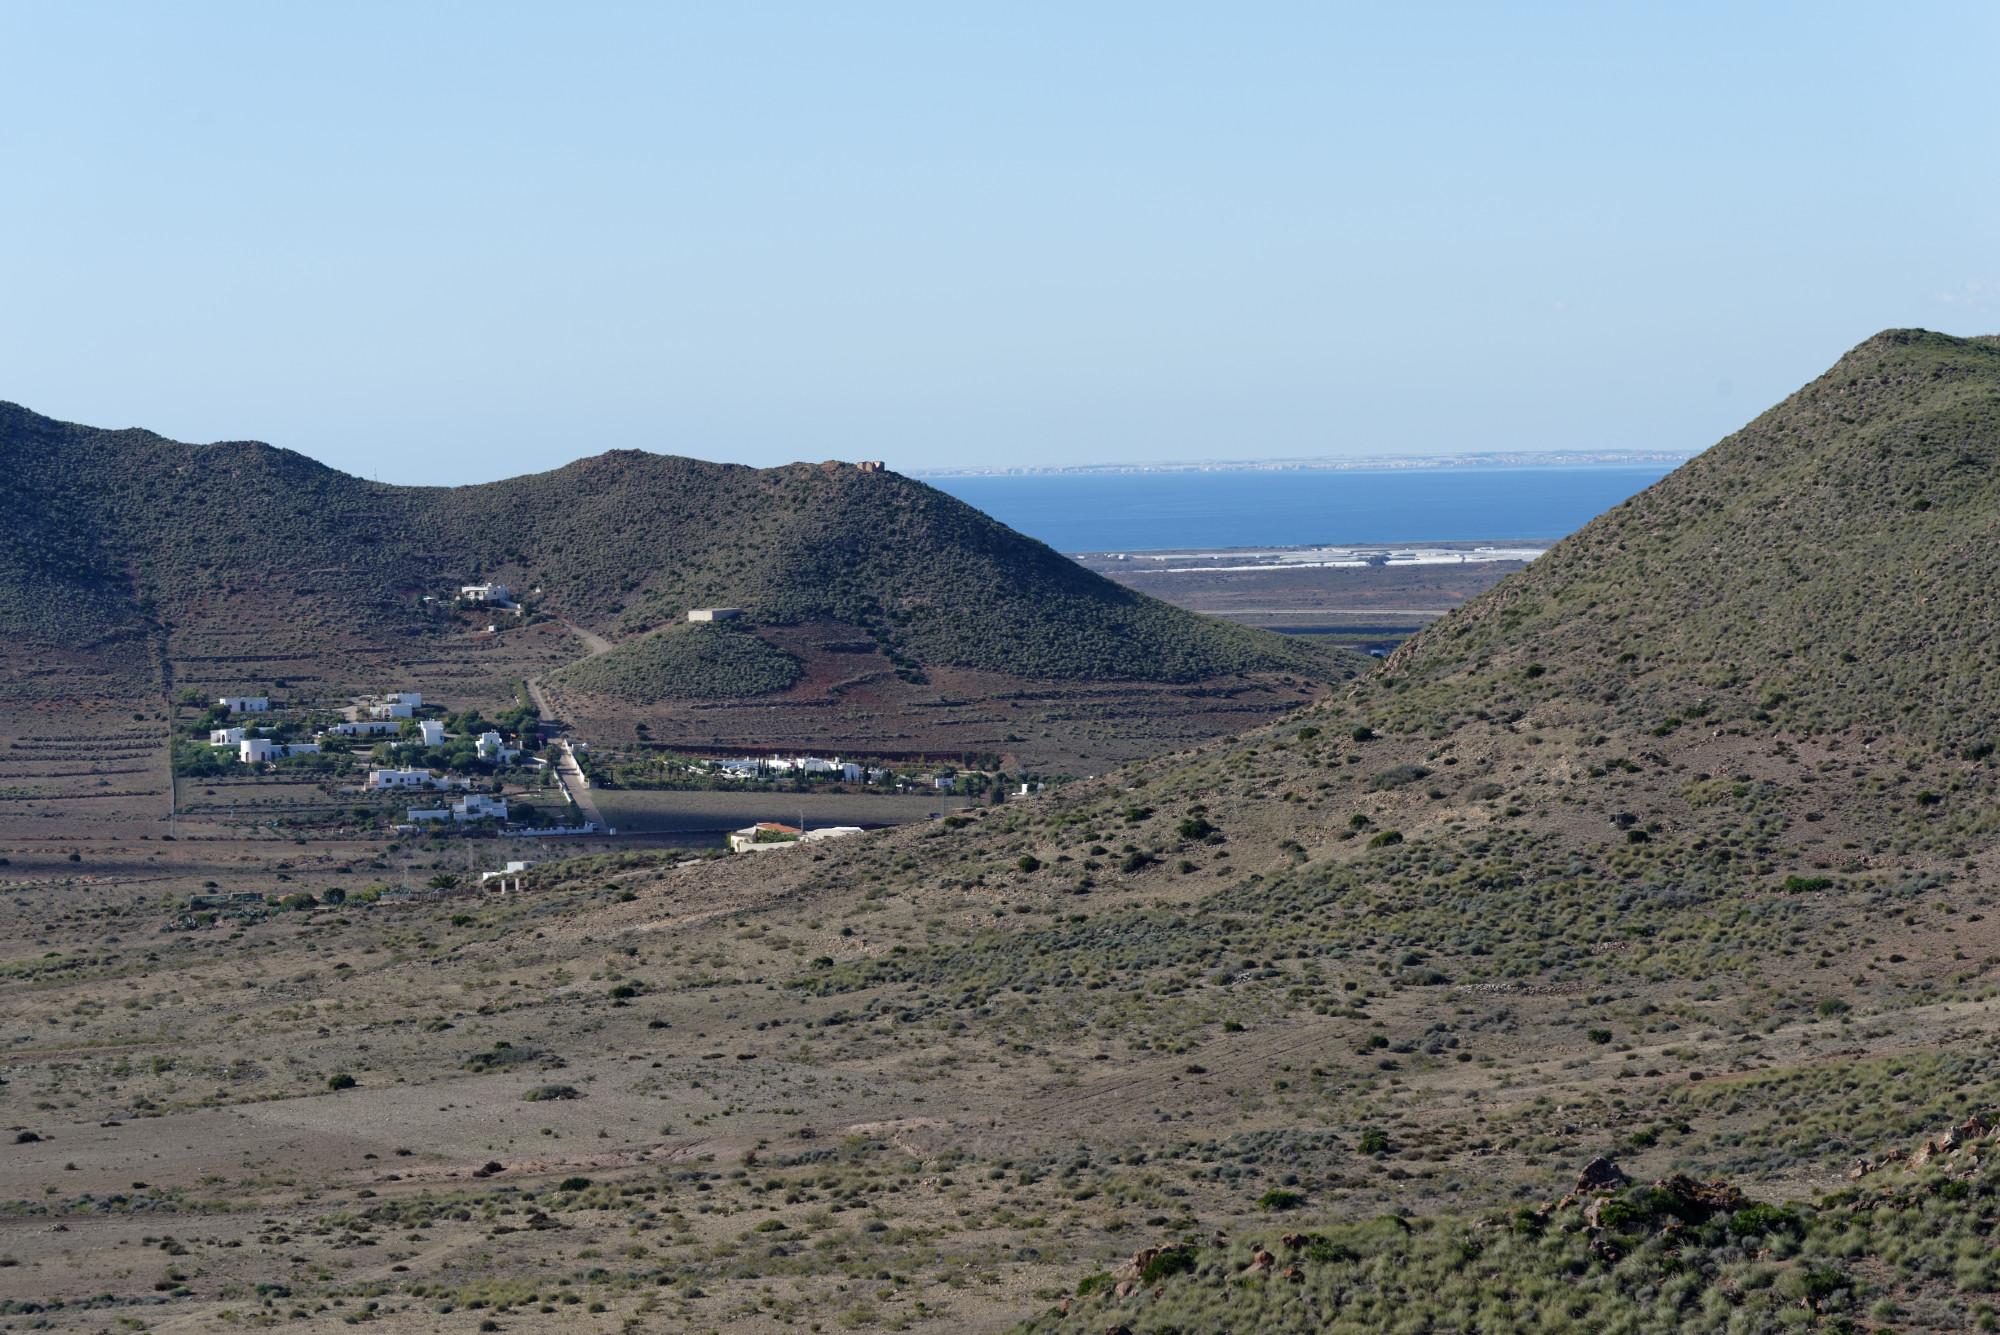 171212-Marche La Boca de los Frailes vers Cerro de Limones (28) (Cabo de Gata-Andalousie)